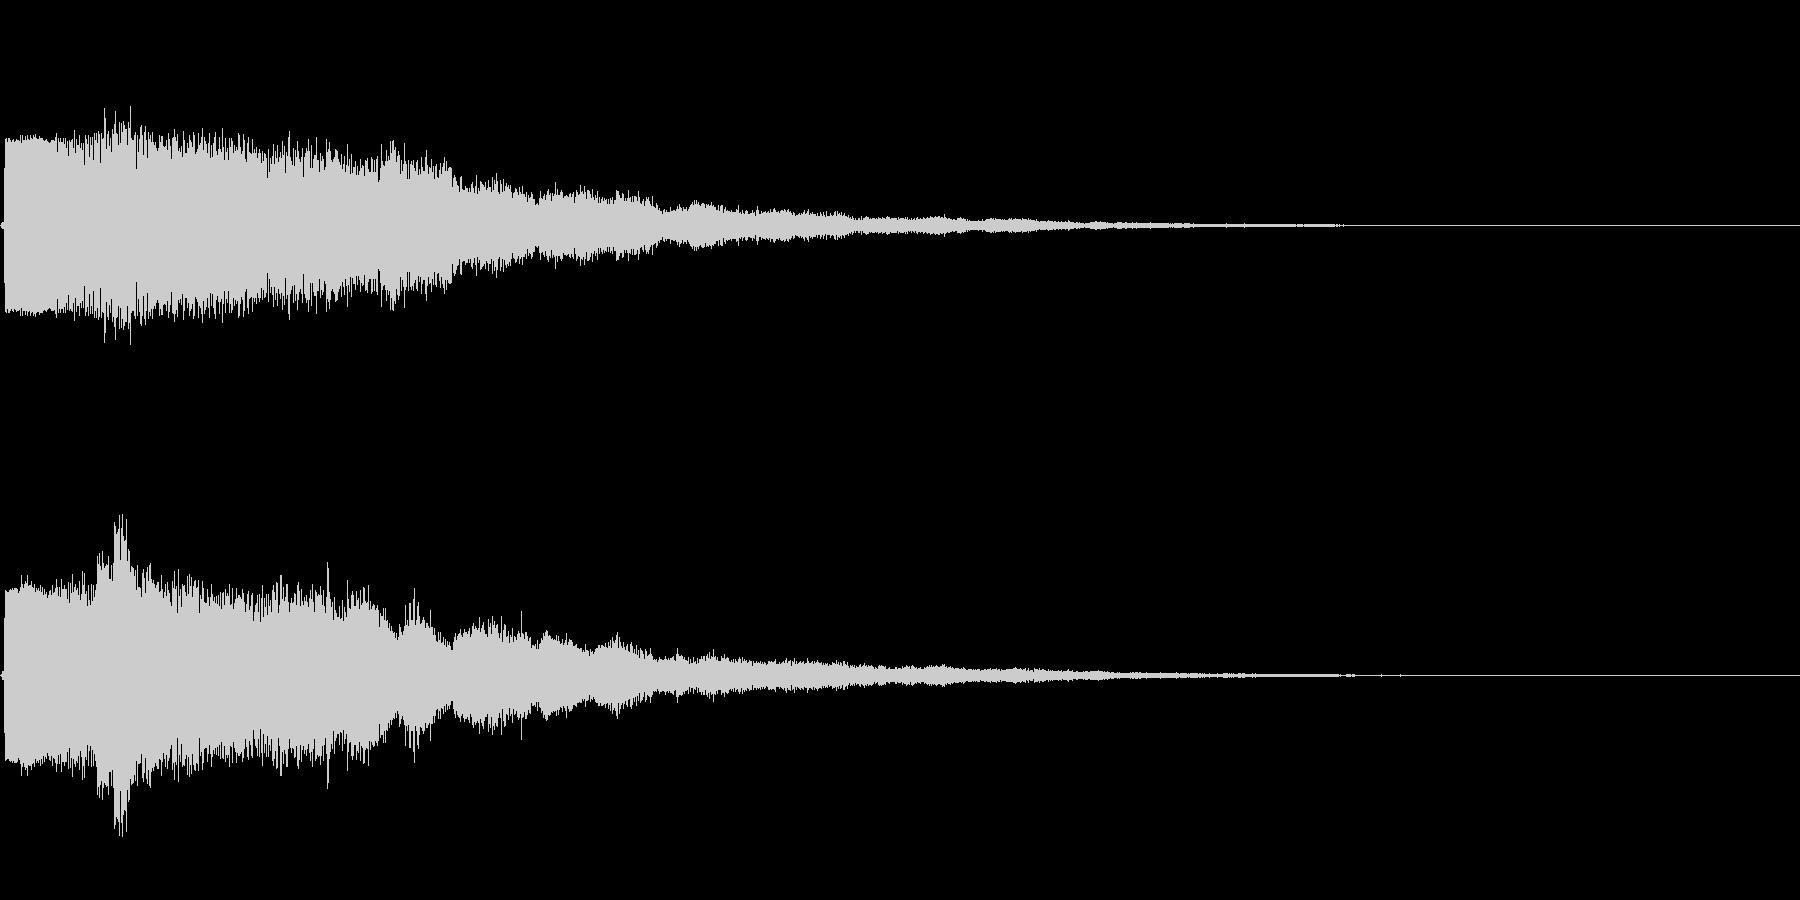 KANTベルアイキャッチ2009181の未再生の波形